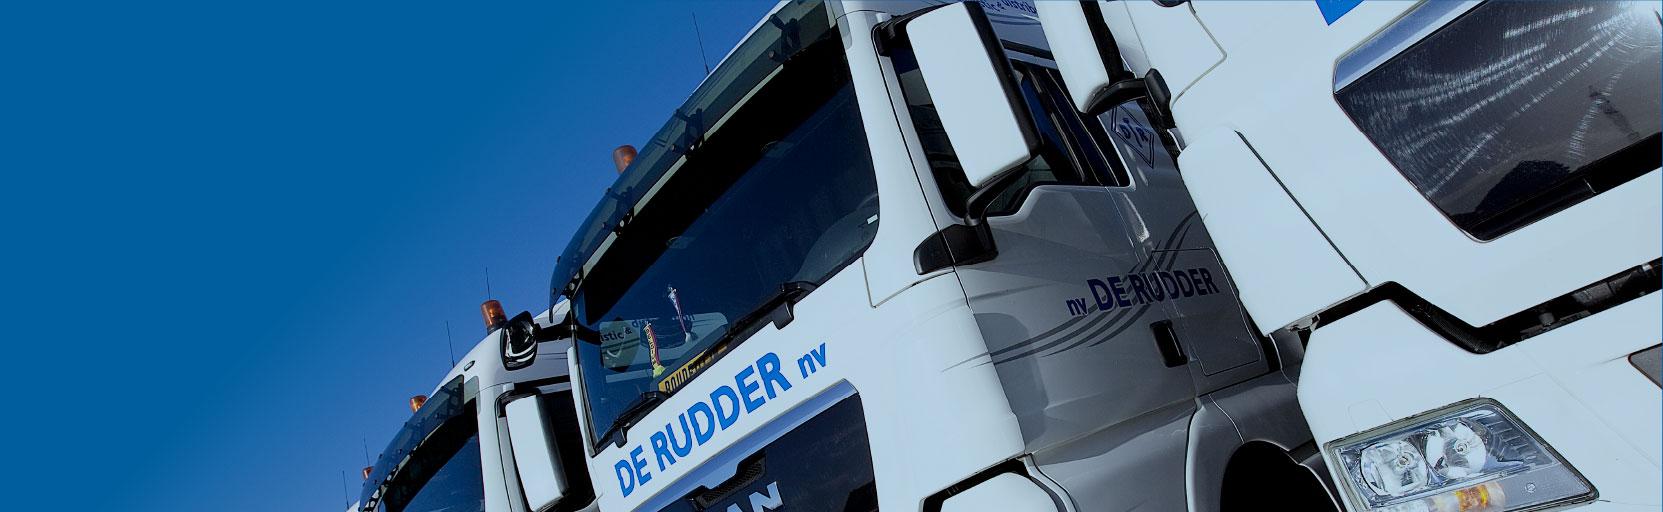 De Rudder Transport: investeren in de toekomst met eTrans en eMobile